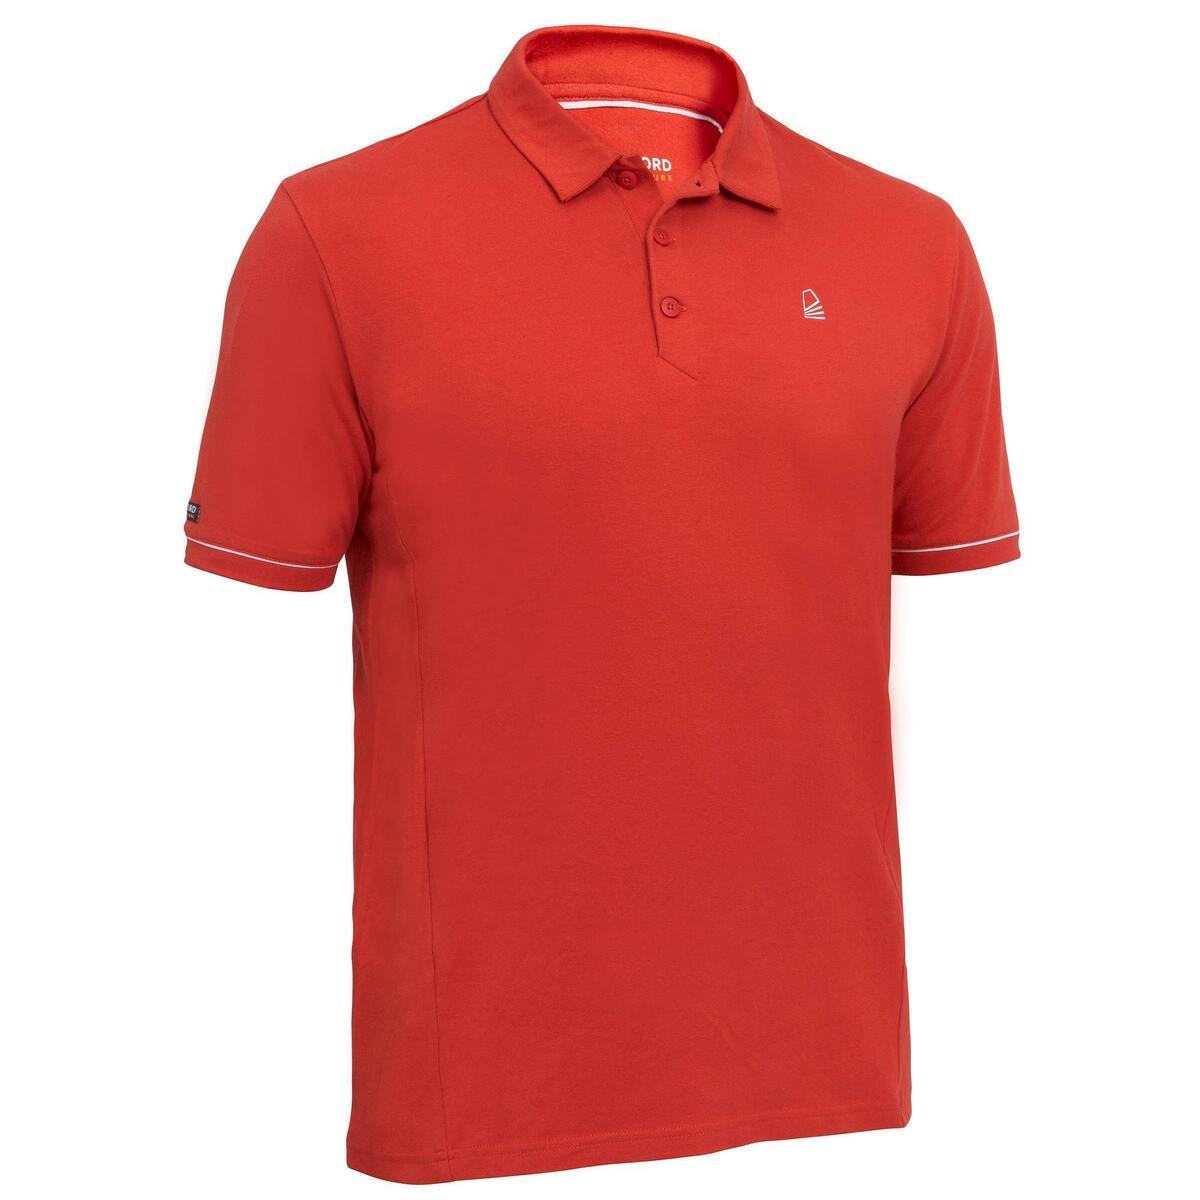 Bild 1 von Poloshirt Segeln kurzarm Sailing 100 Herren rot